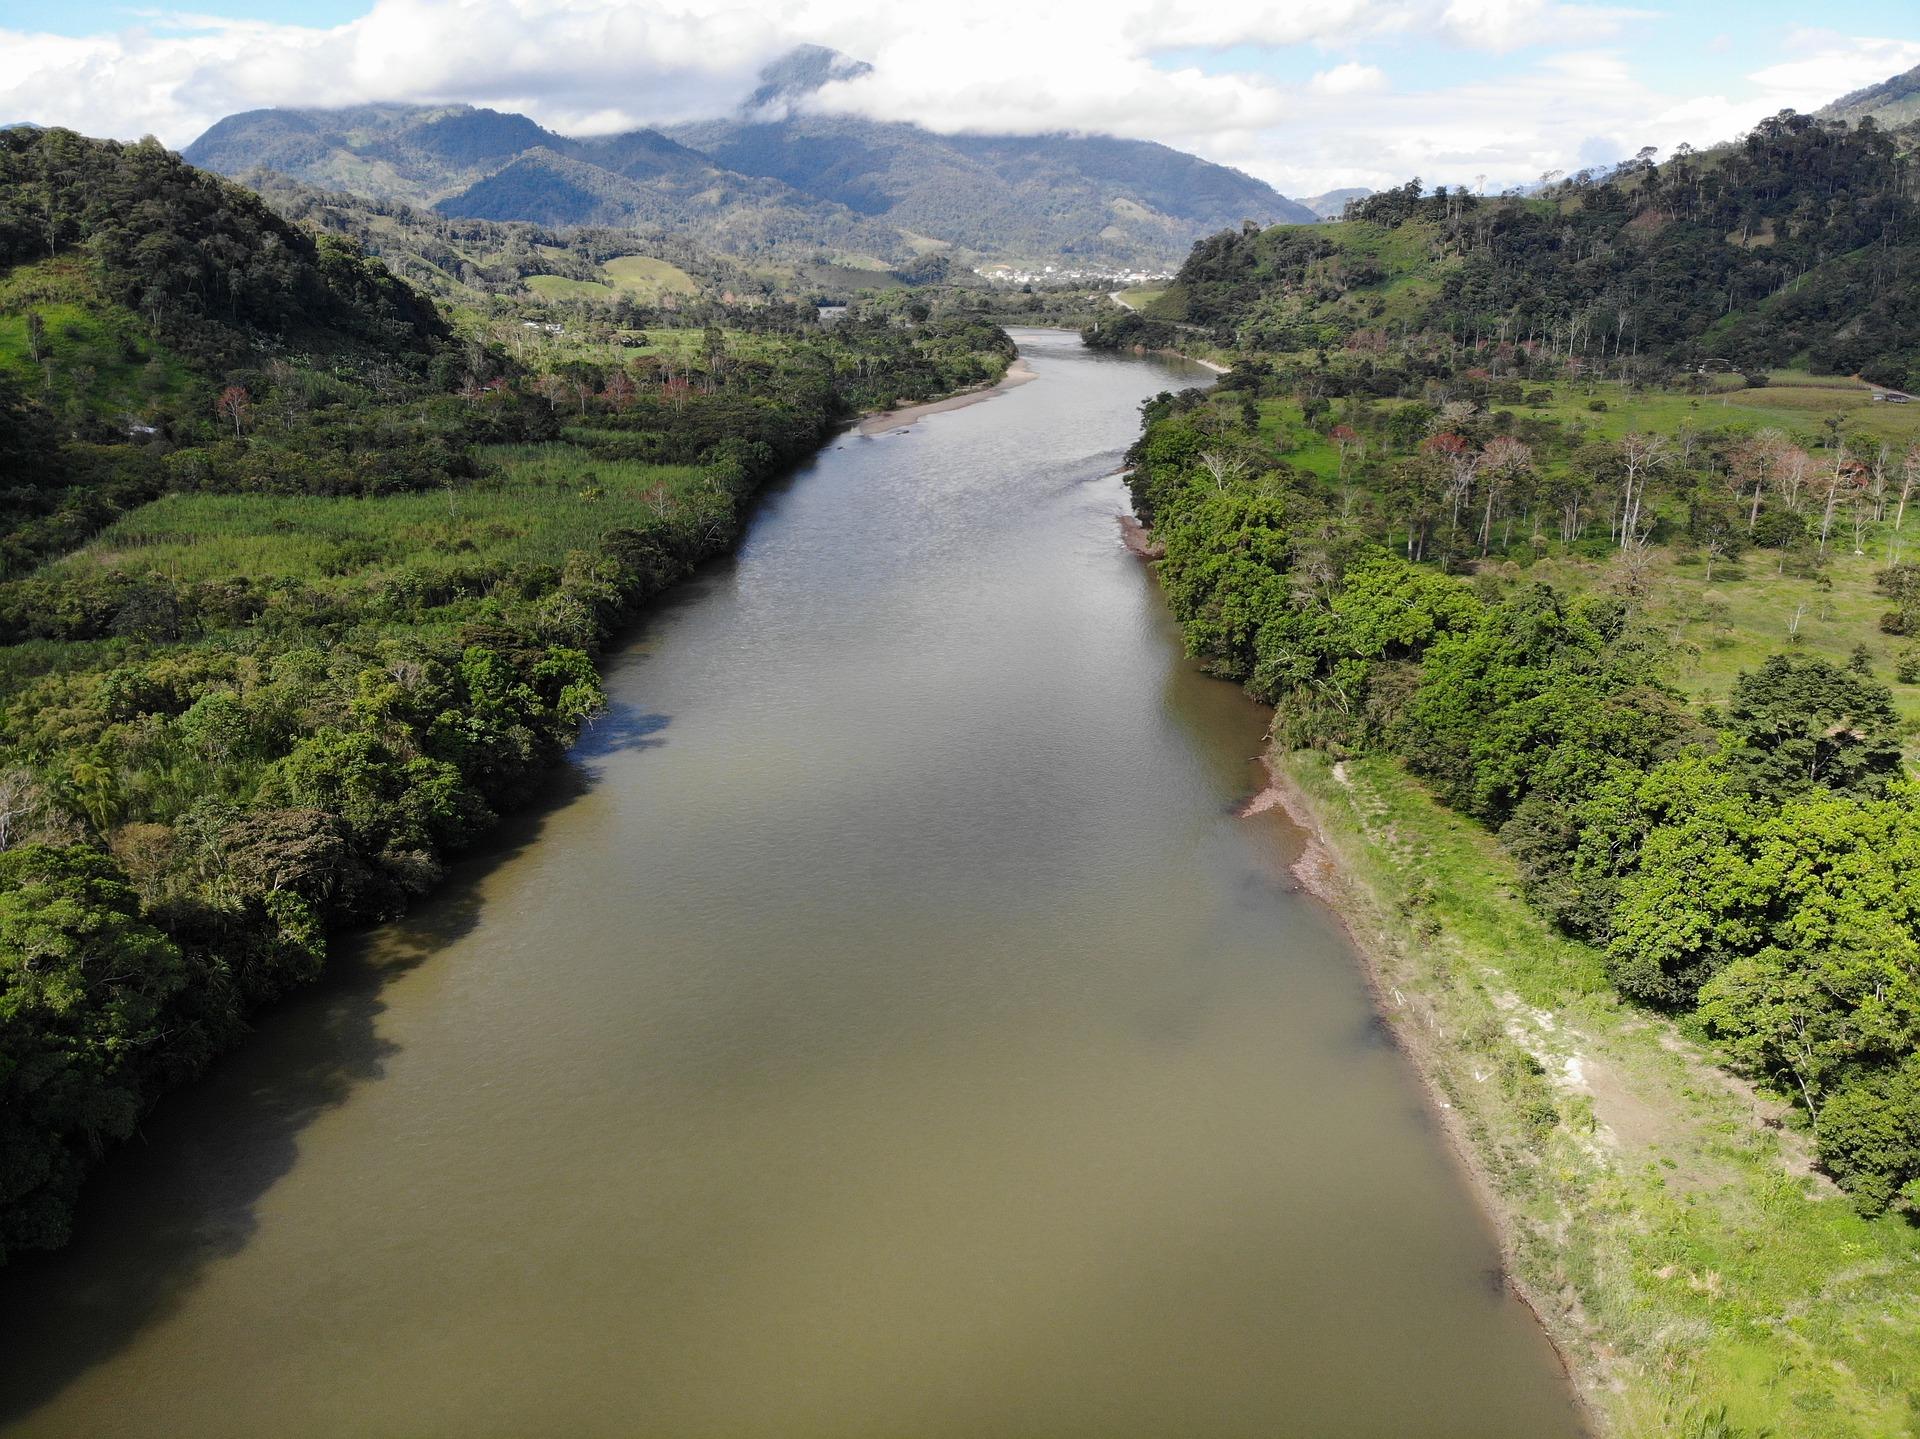 Conoce los cinco proyectos productivos sostenibles que beneficiarán a 1.100 familias de la Amazonía en Colombia